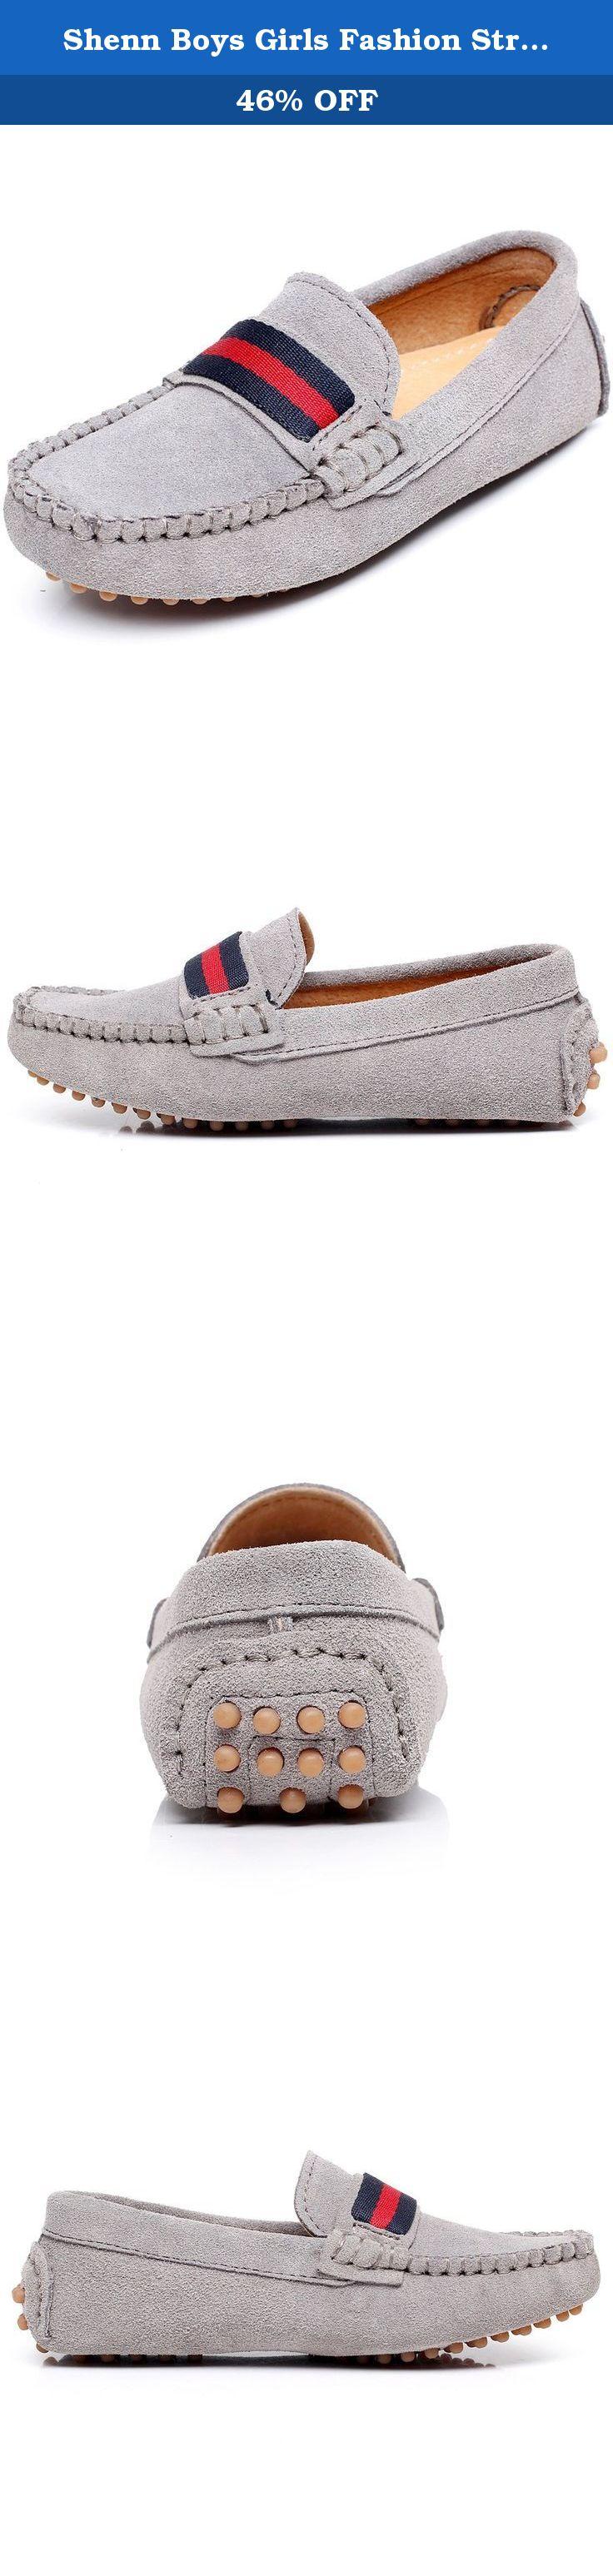 797c4fbc1df Shenn Boys Girls Fashion Strap Slip-On Grey Suede Leather Loafer Flats 2998  US3.